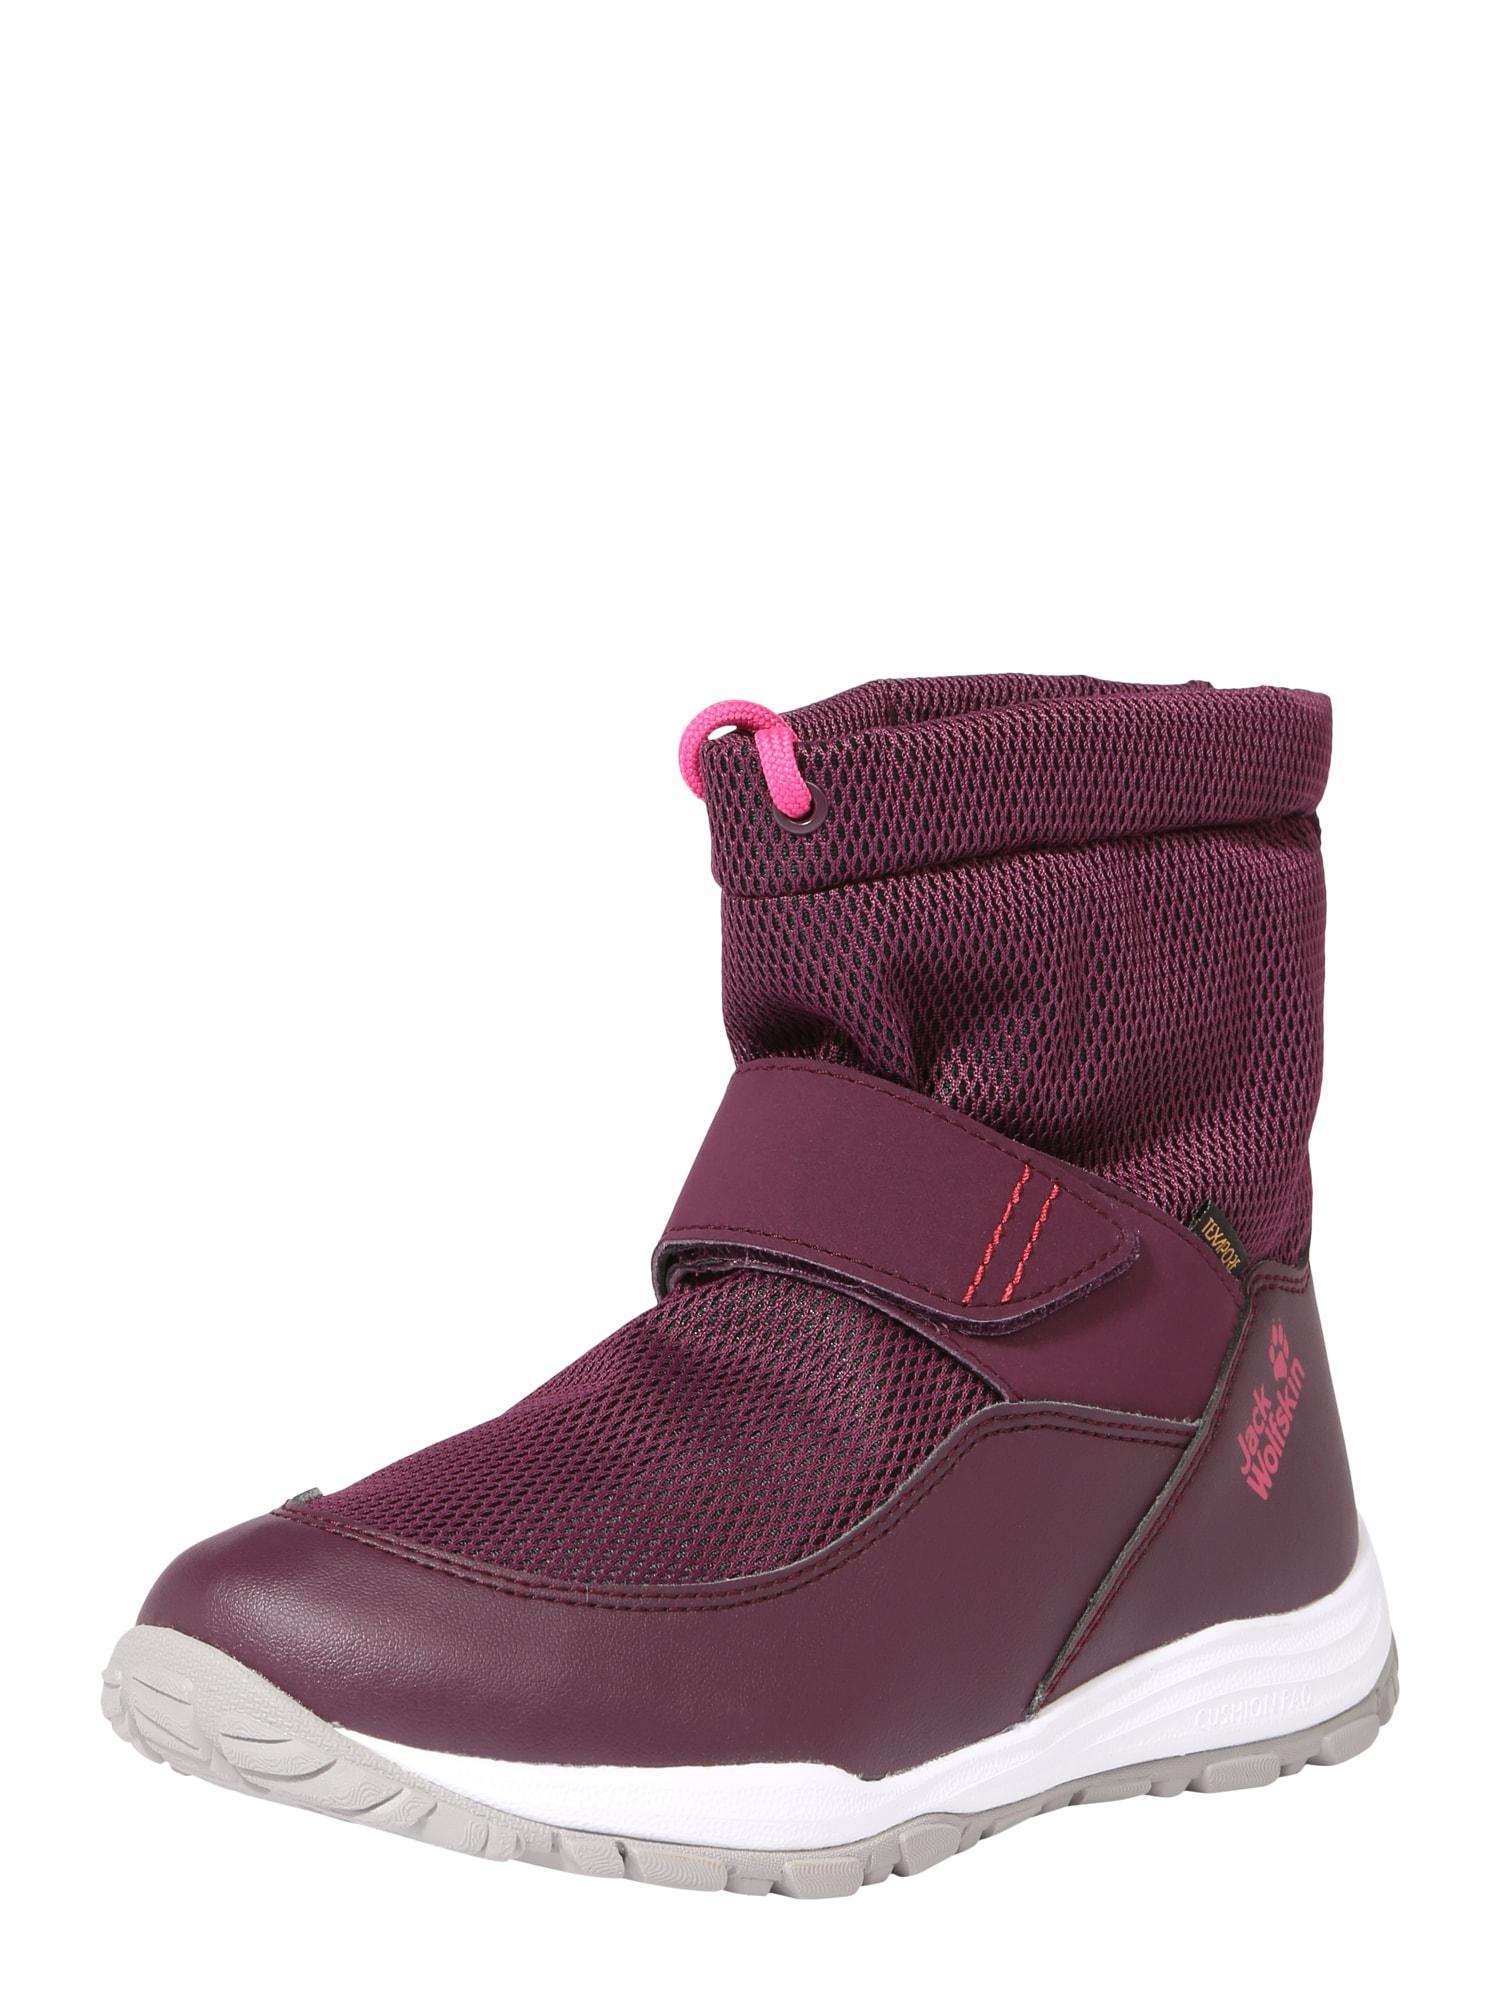 JACK WOLFSKIN Sportiniai batai 'Kiwi winterized Texapore Mid' gervuogių spalva